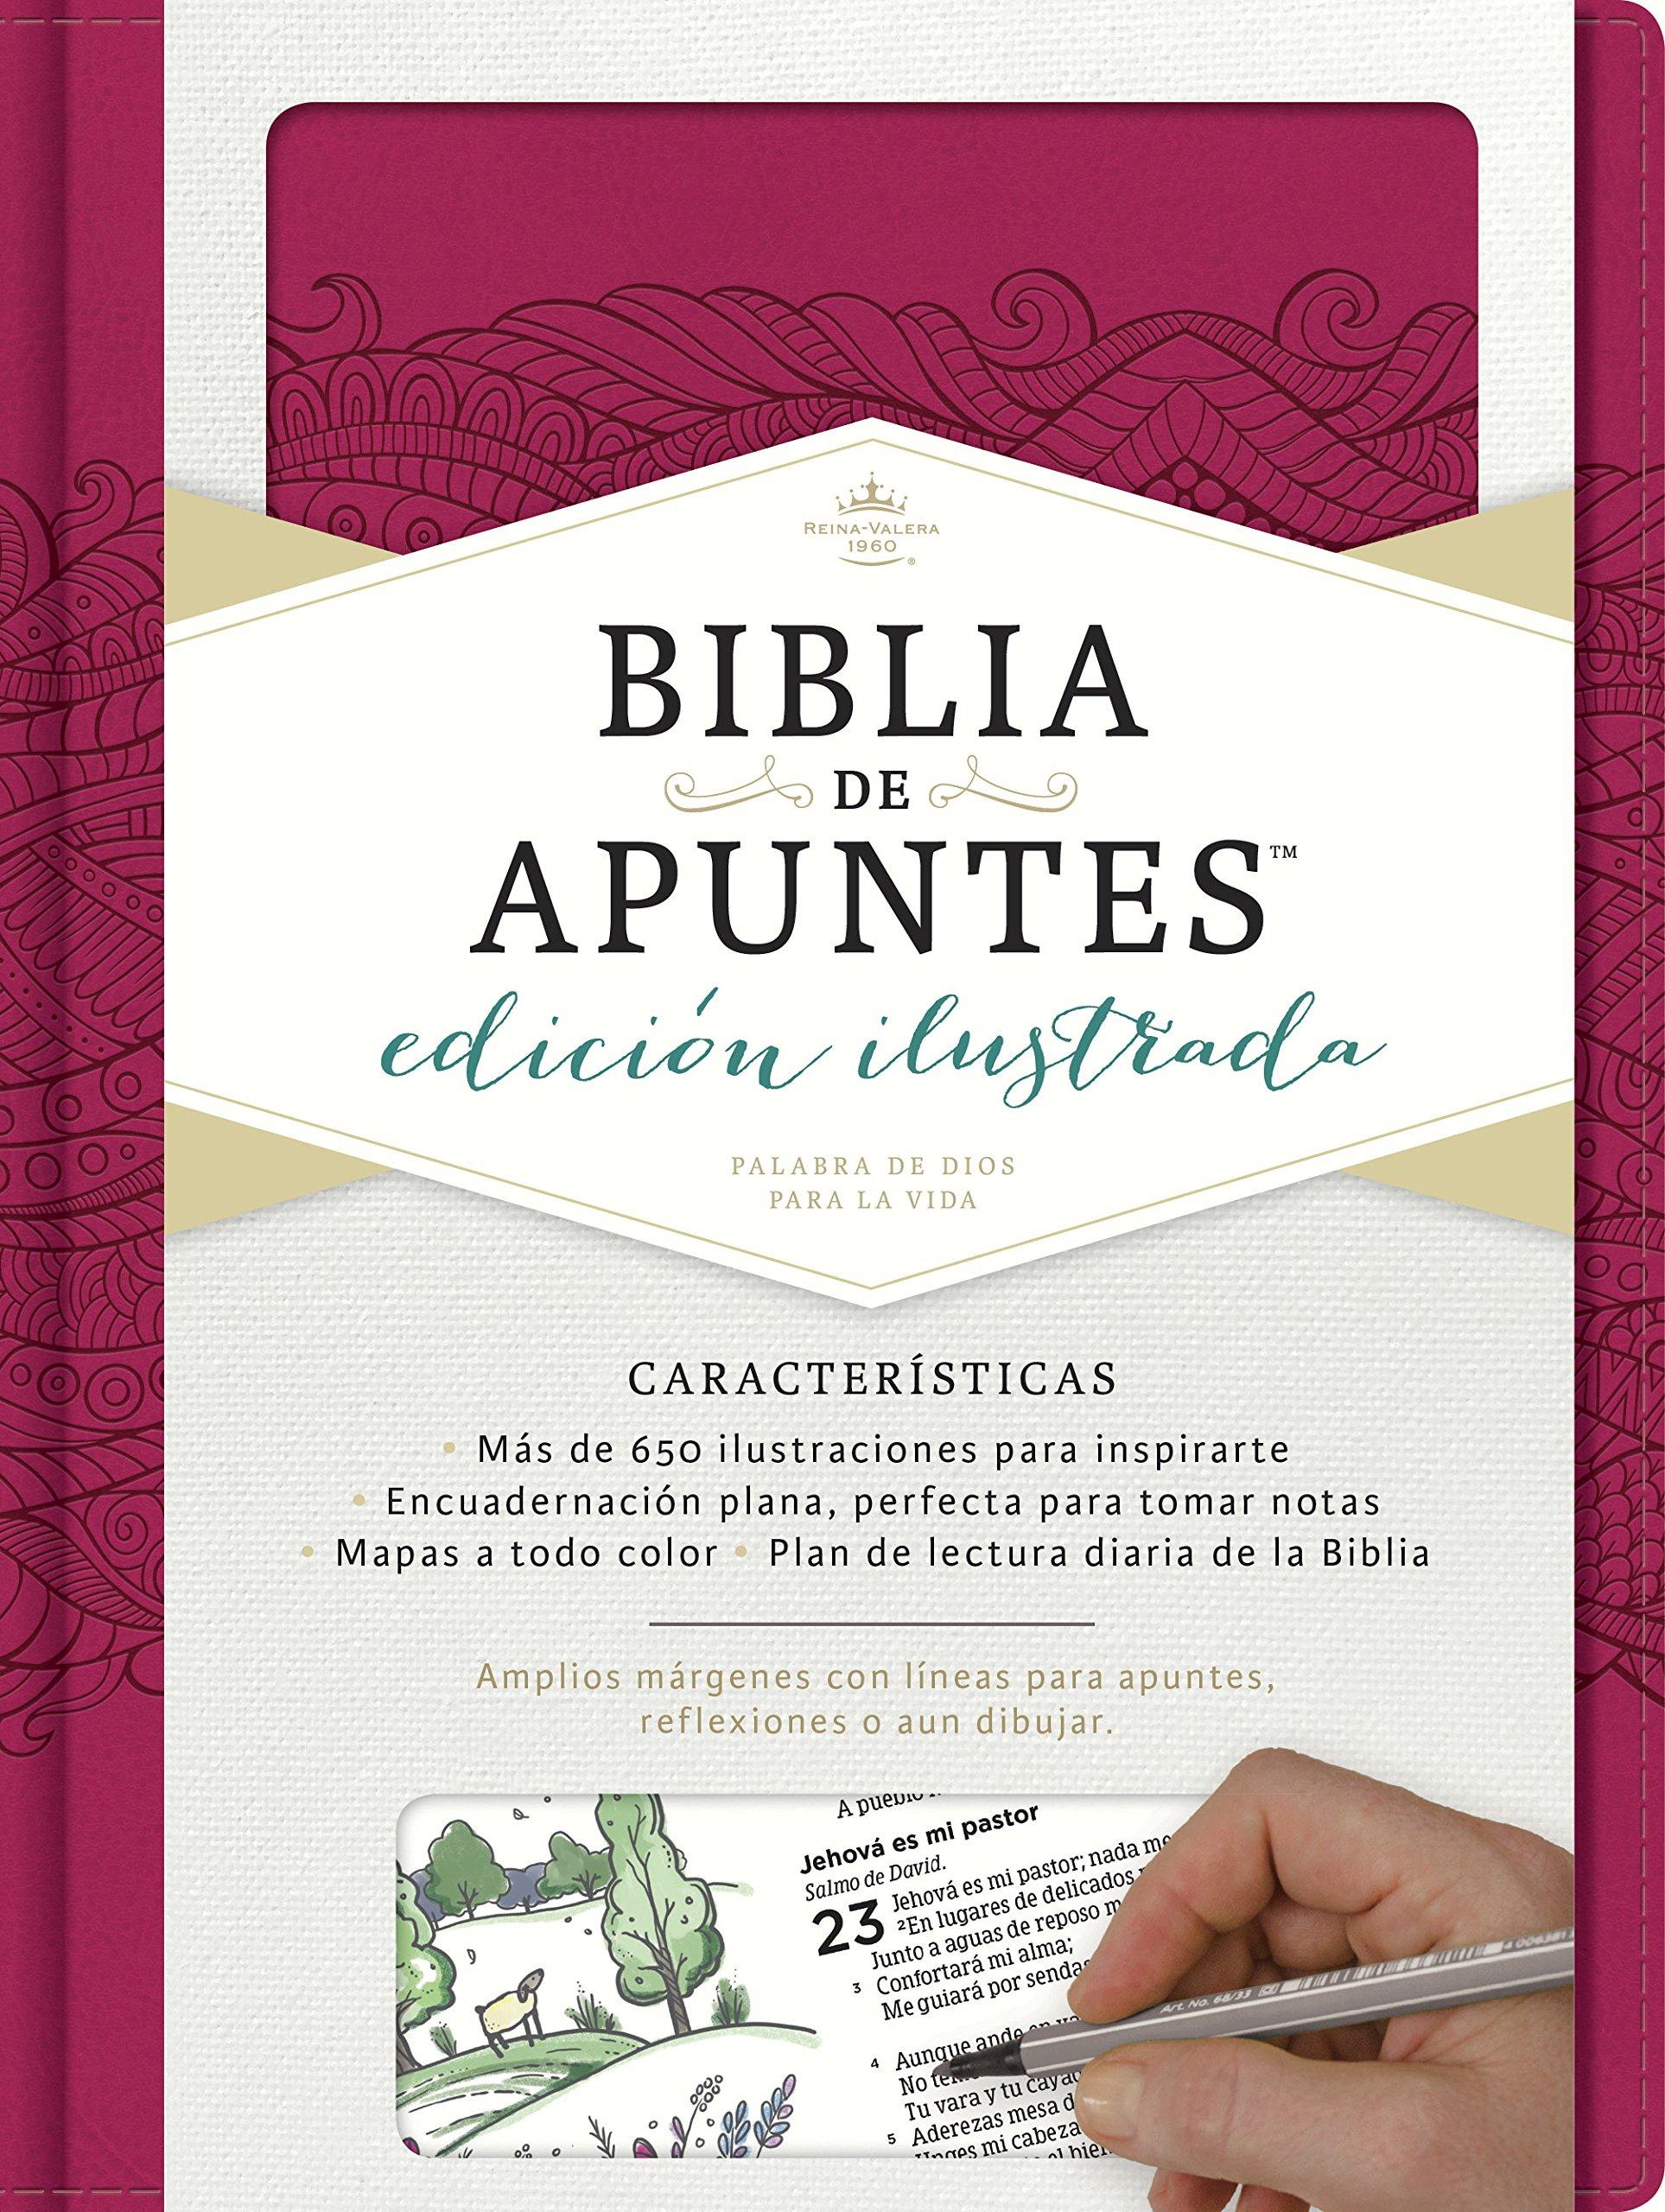 RVR 1960 Biblia de apuntes, edición ilustrada, símil piel rosado (Spanish Edition): B&H Español Editorial Staff: 9781462746477: Amazon.com: Books